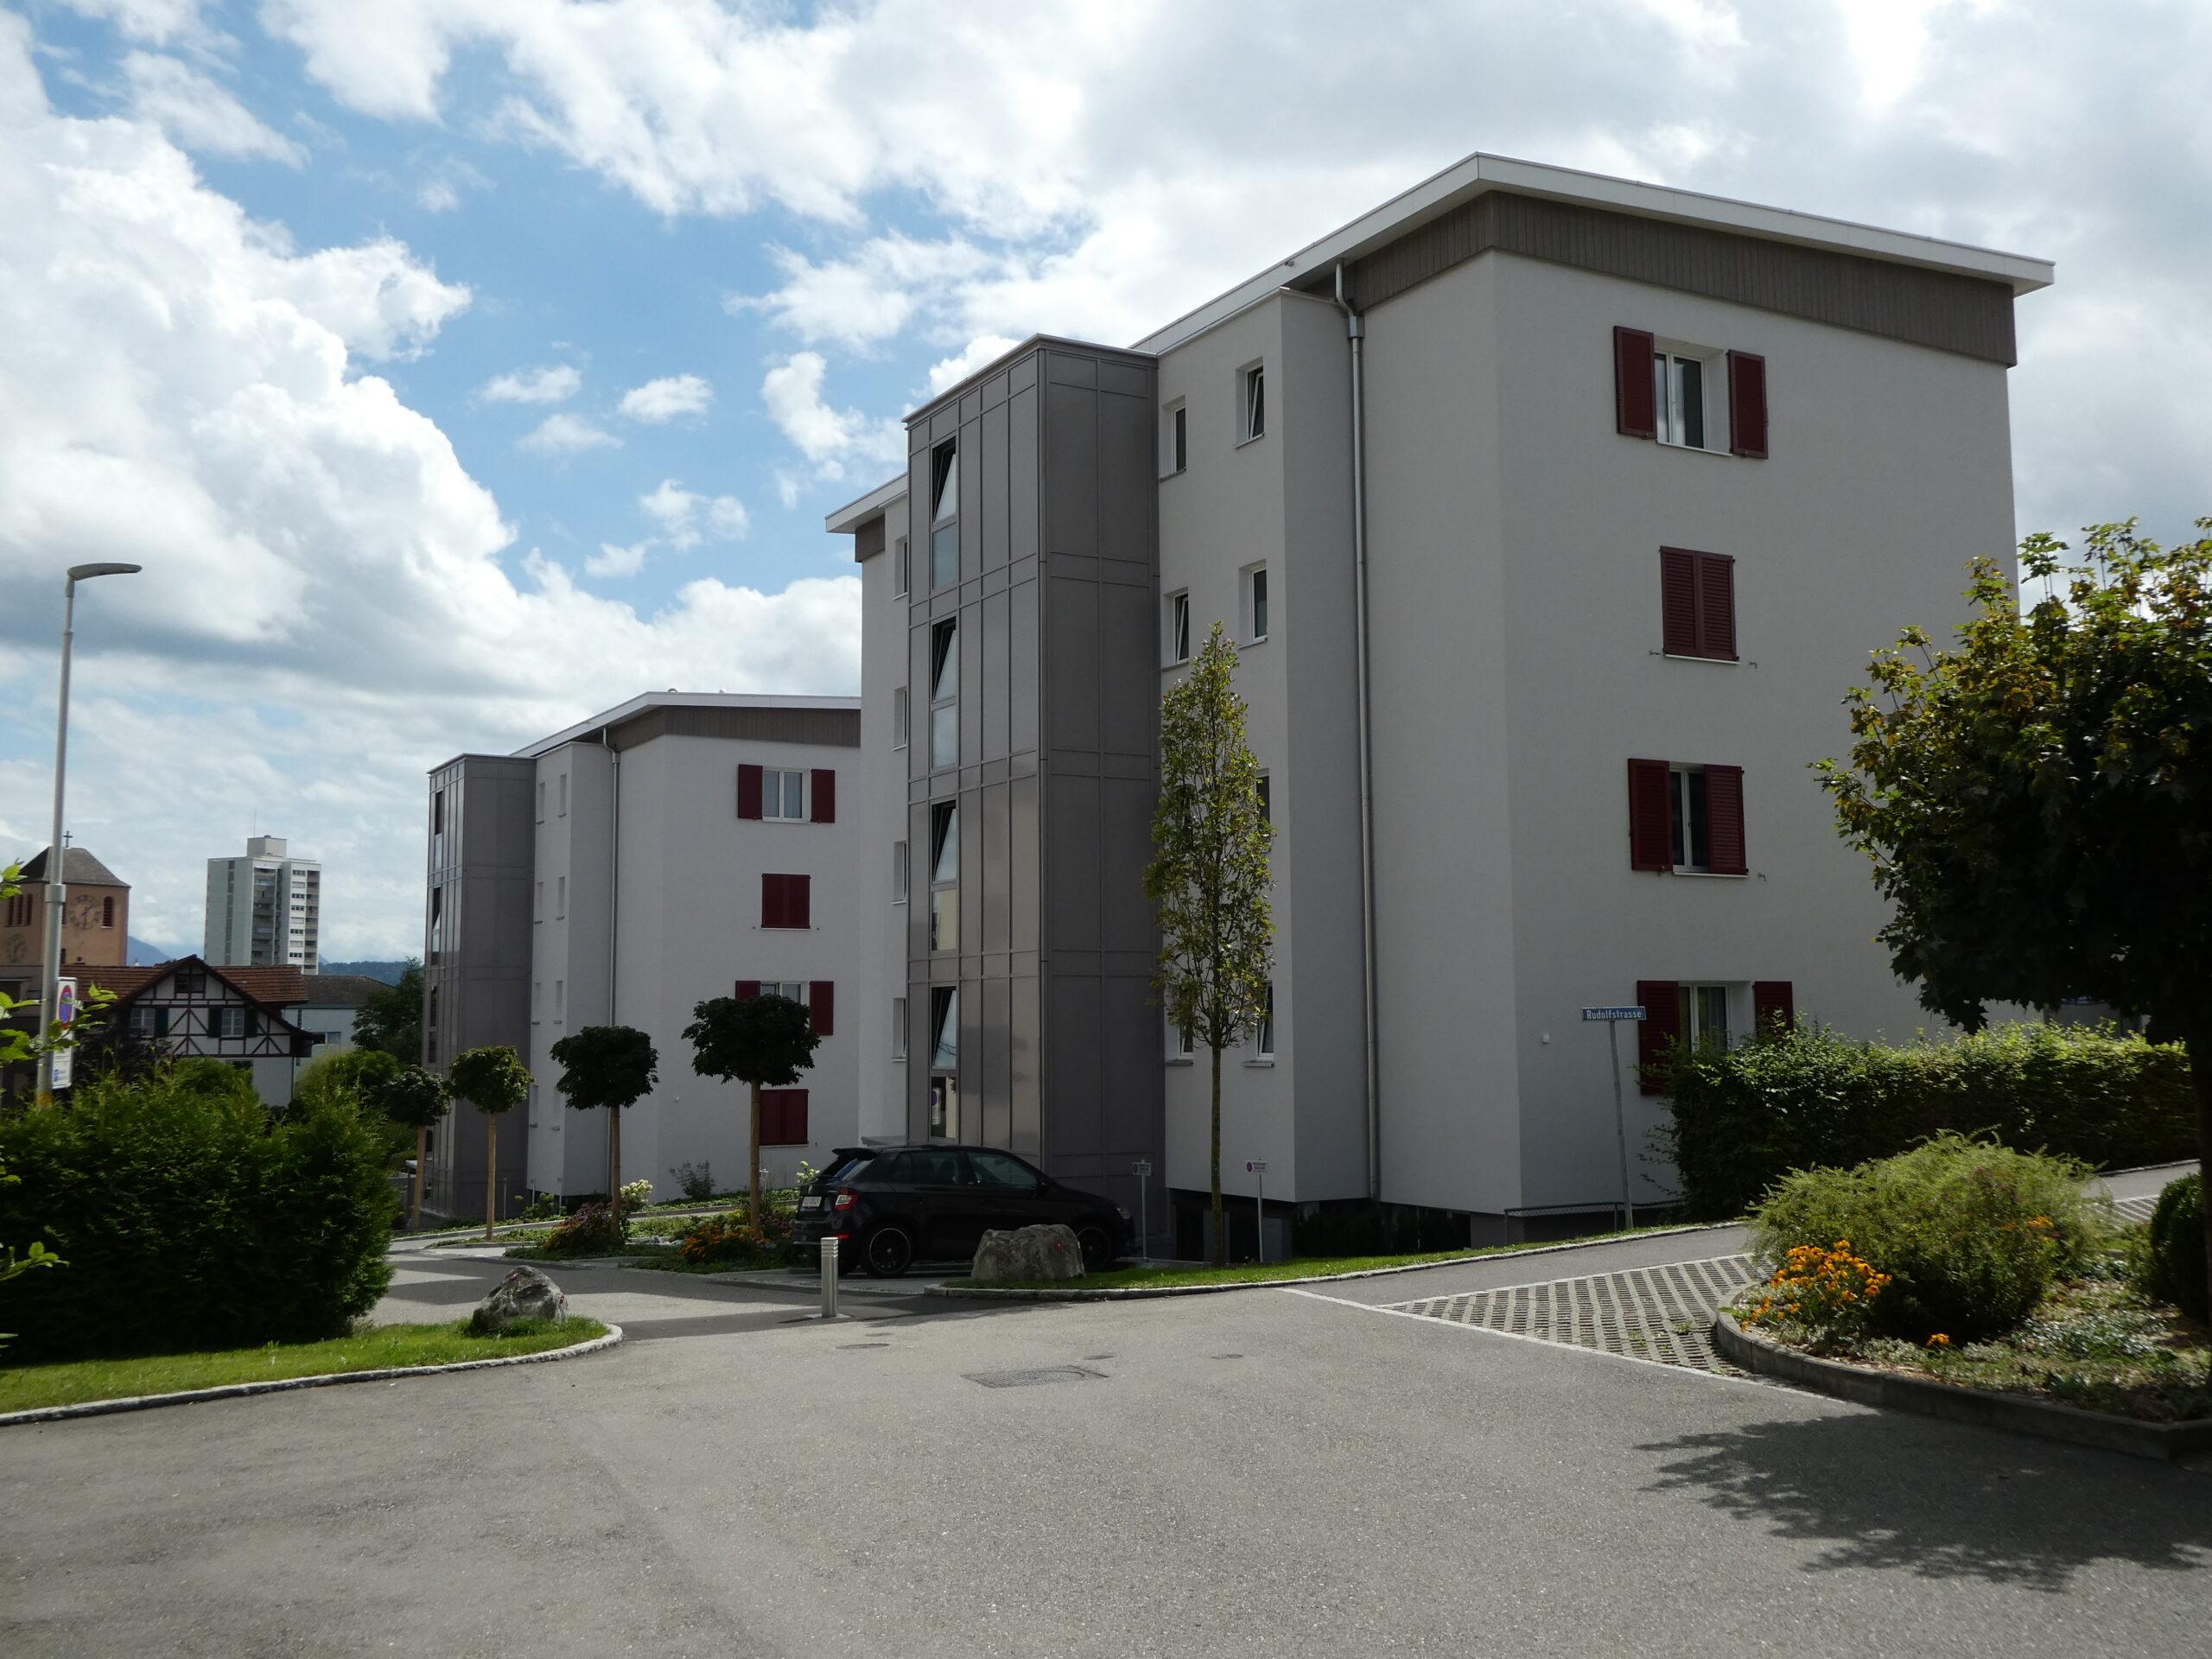 FranzZelgerstrasse 11